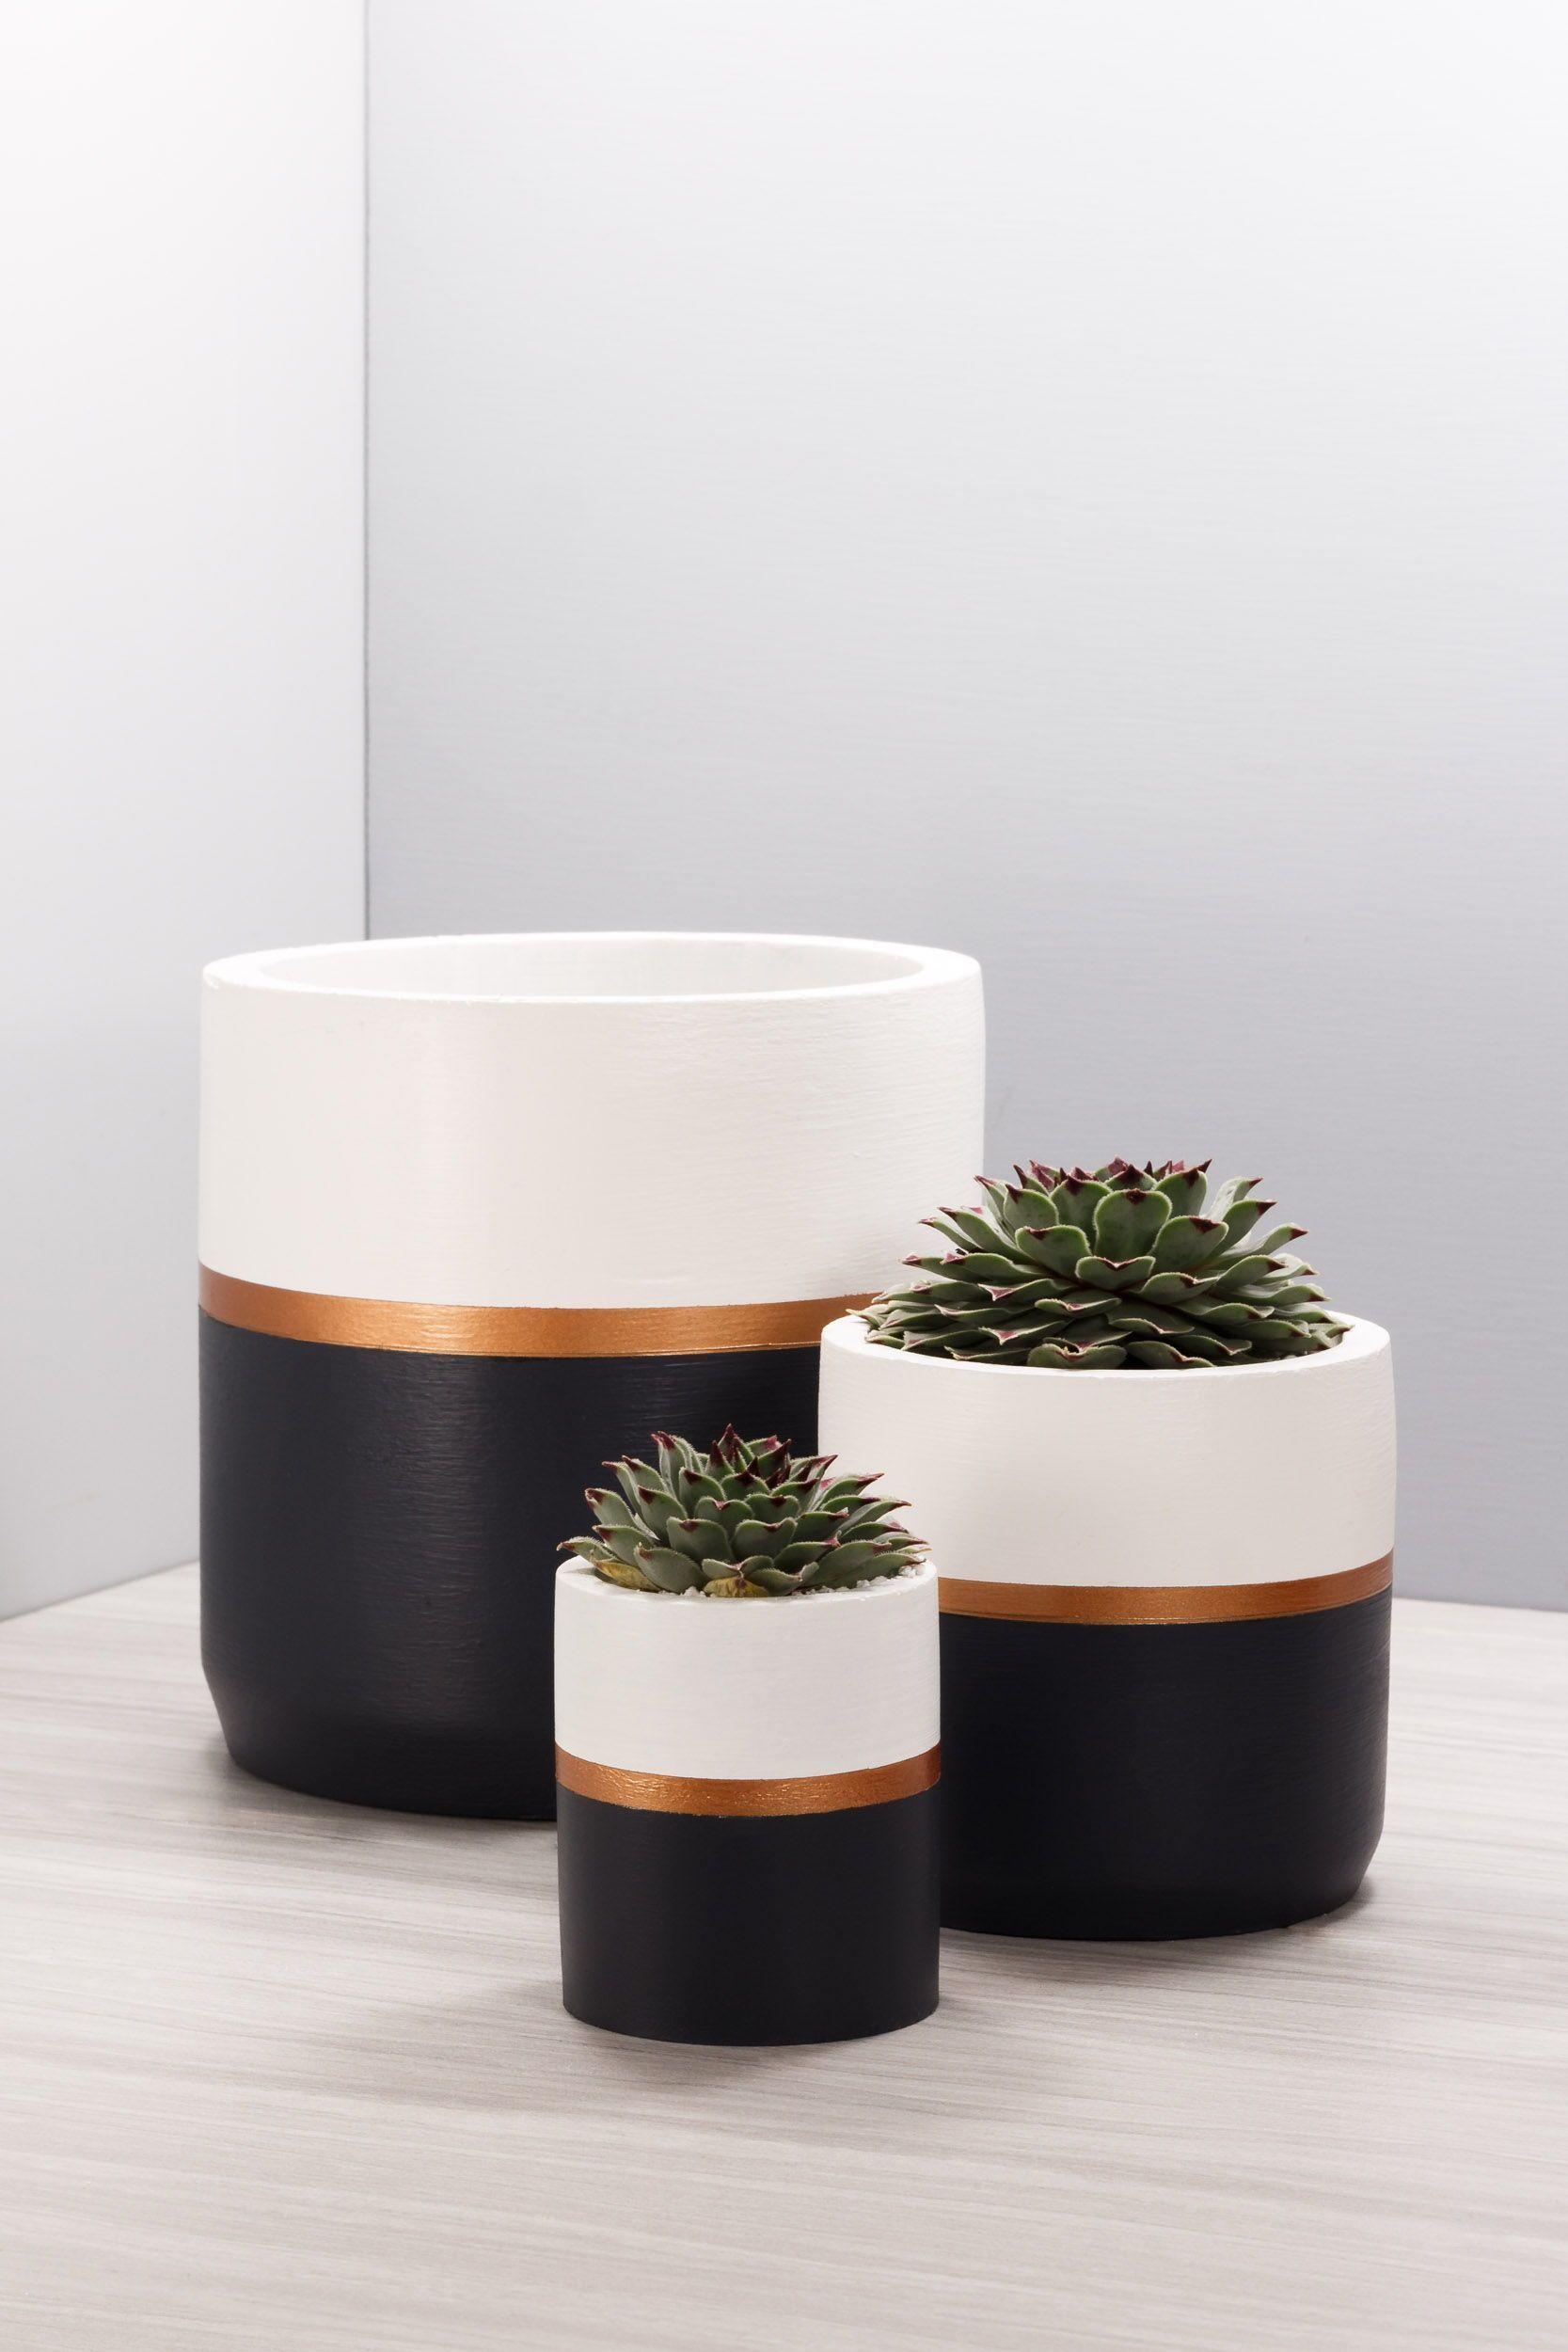 Concrete Succulent Planter _ 2 sizes, 3 colorways _ Gold Cement Cylinder Cactus Pot Pencil Cup Indoor Office Concrete Succulent PlanterConcrete Succulent Planter